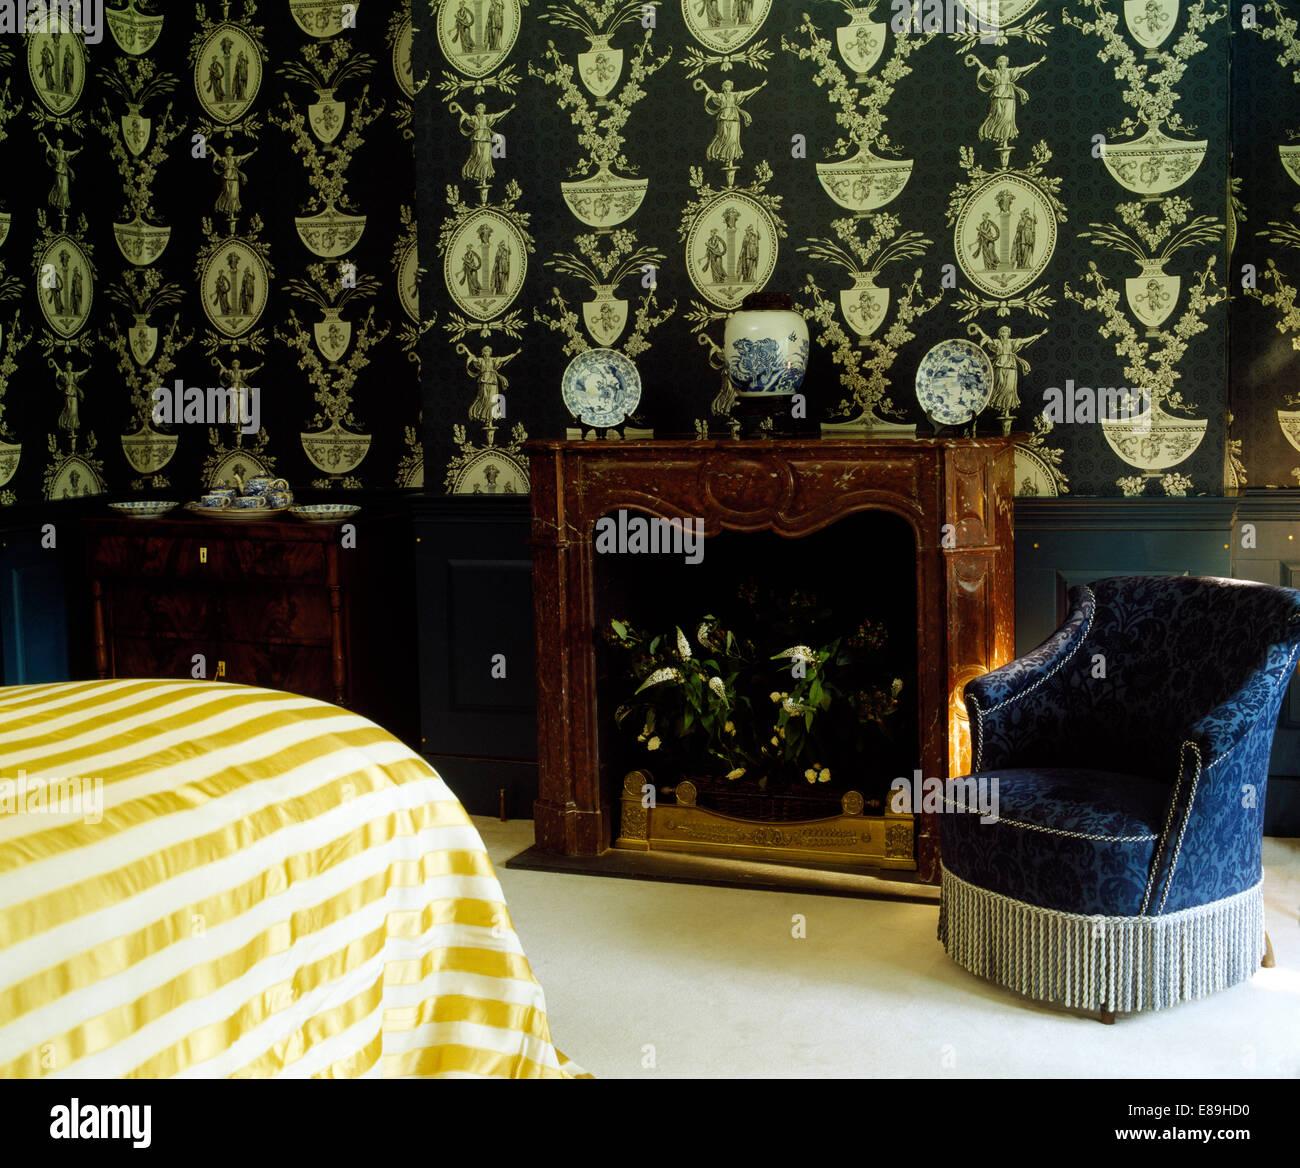 Schwarz + Weiß Georgianischen Stil Tapete An Der Wand über Dem Kamin Im  Schlafzimmer Mit Blauem Samt Gepolstert Wannestuhl